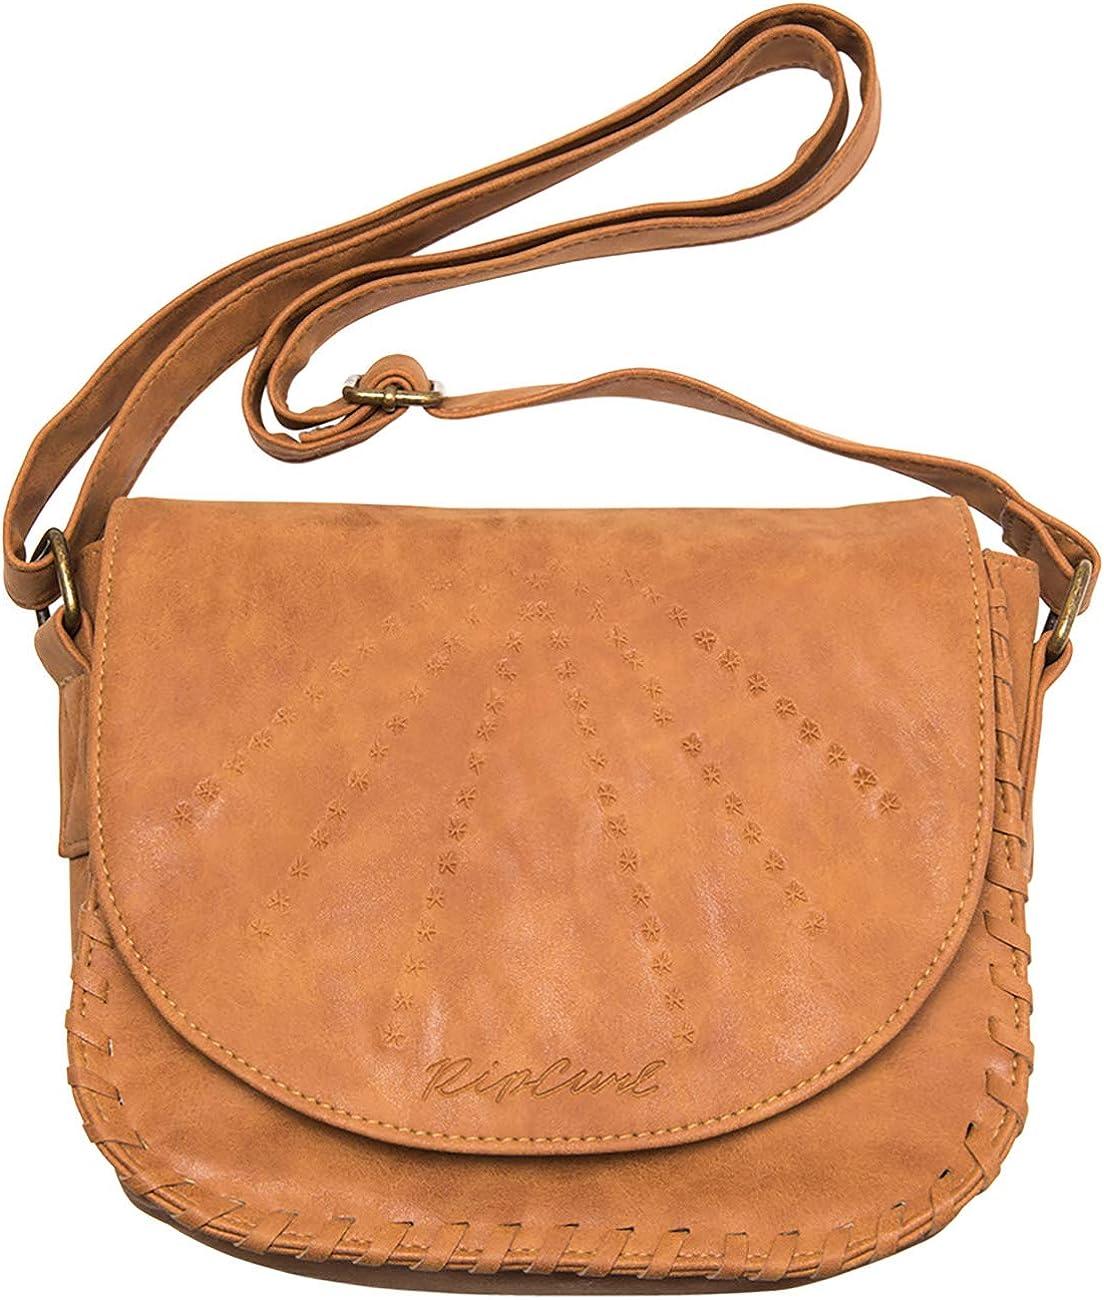 rip curl shoulder bag